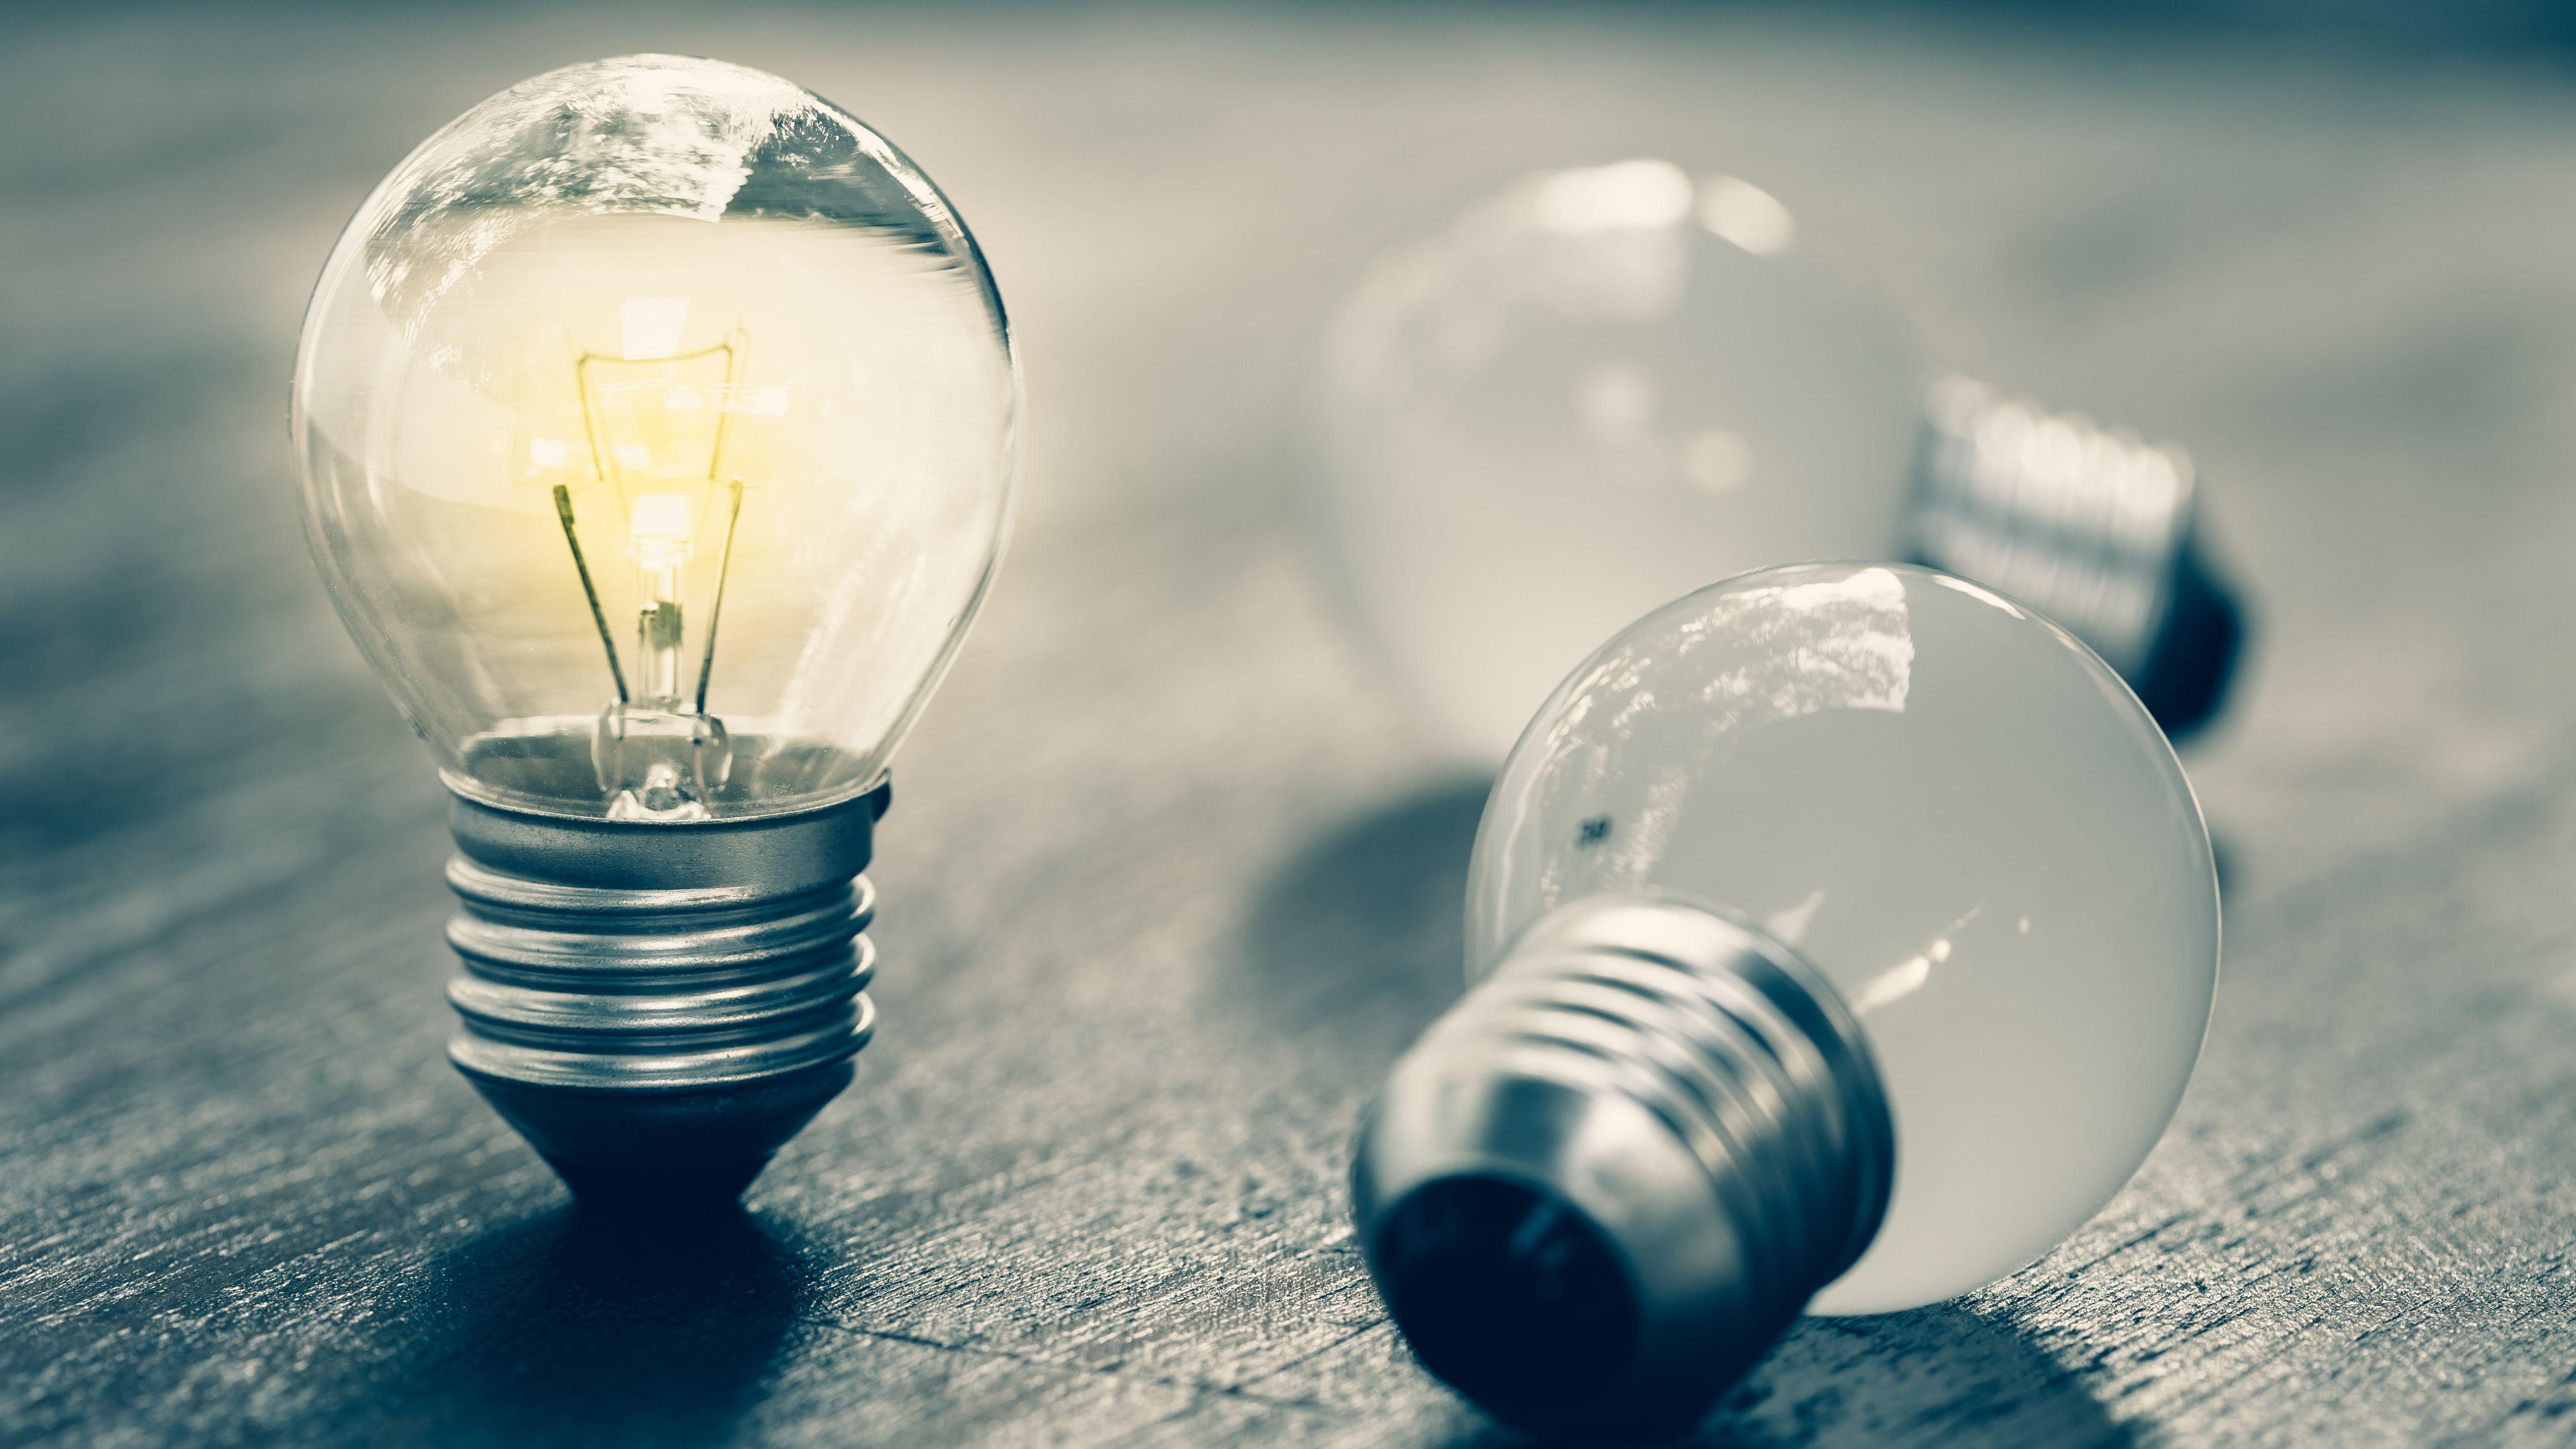 Come scegliere una lampadina